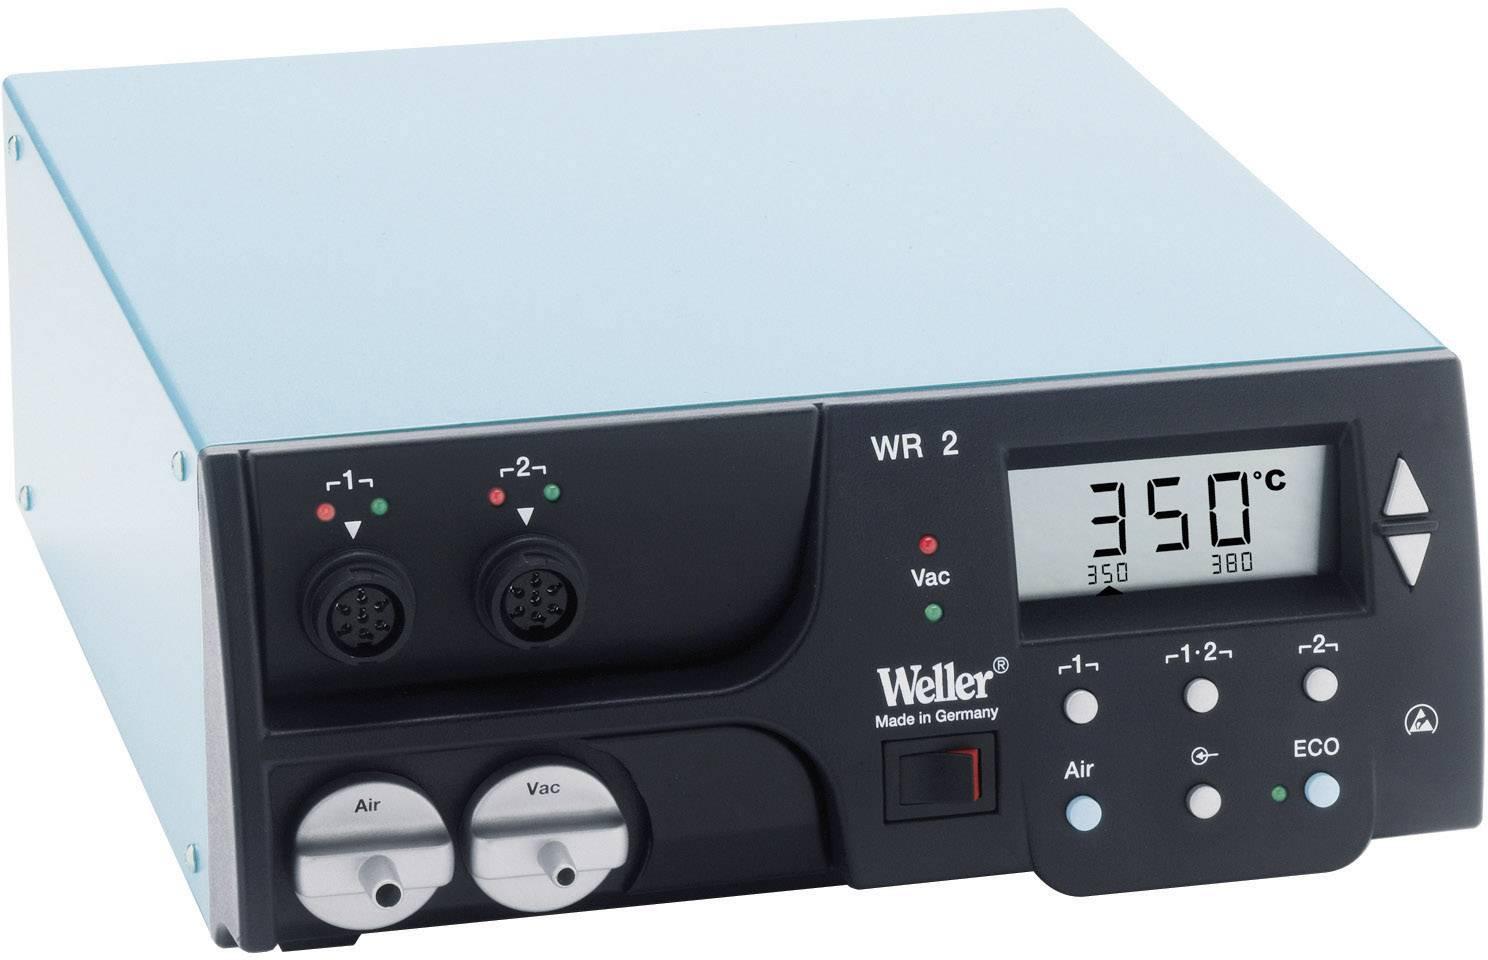 Spájkovacia/odpájkovacia stanica Weller WR 2 T0053377699, 230 V/50 Hz, 2 kanály